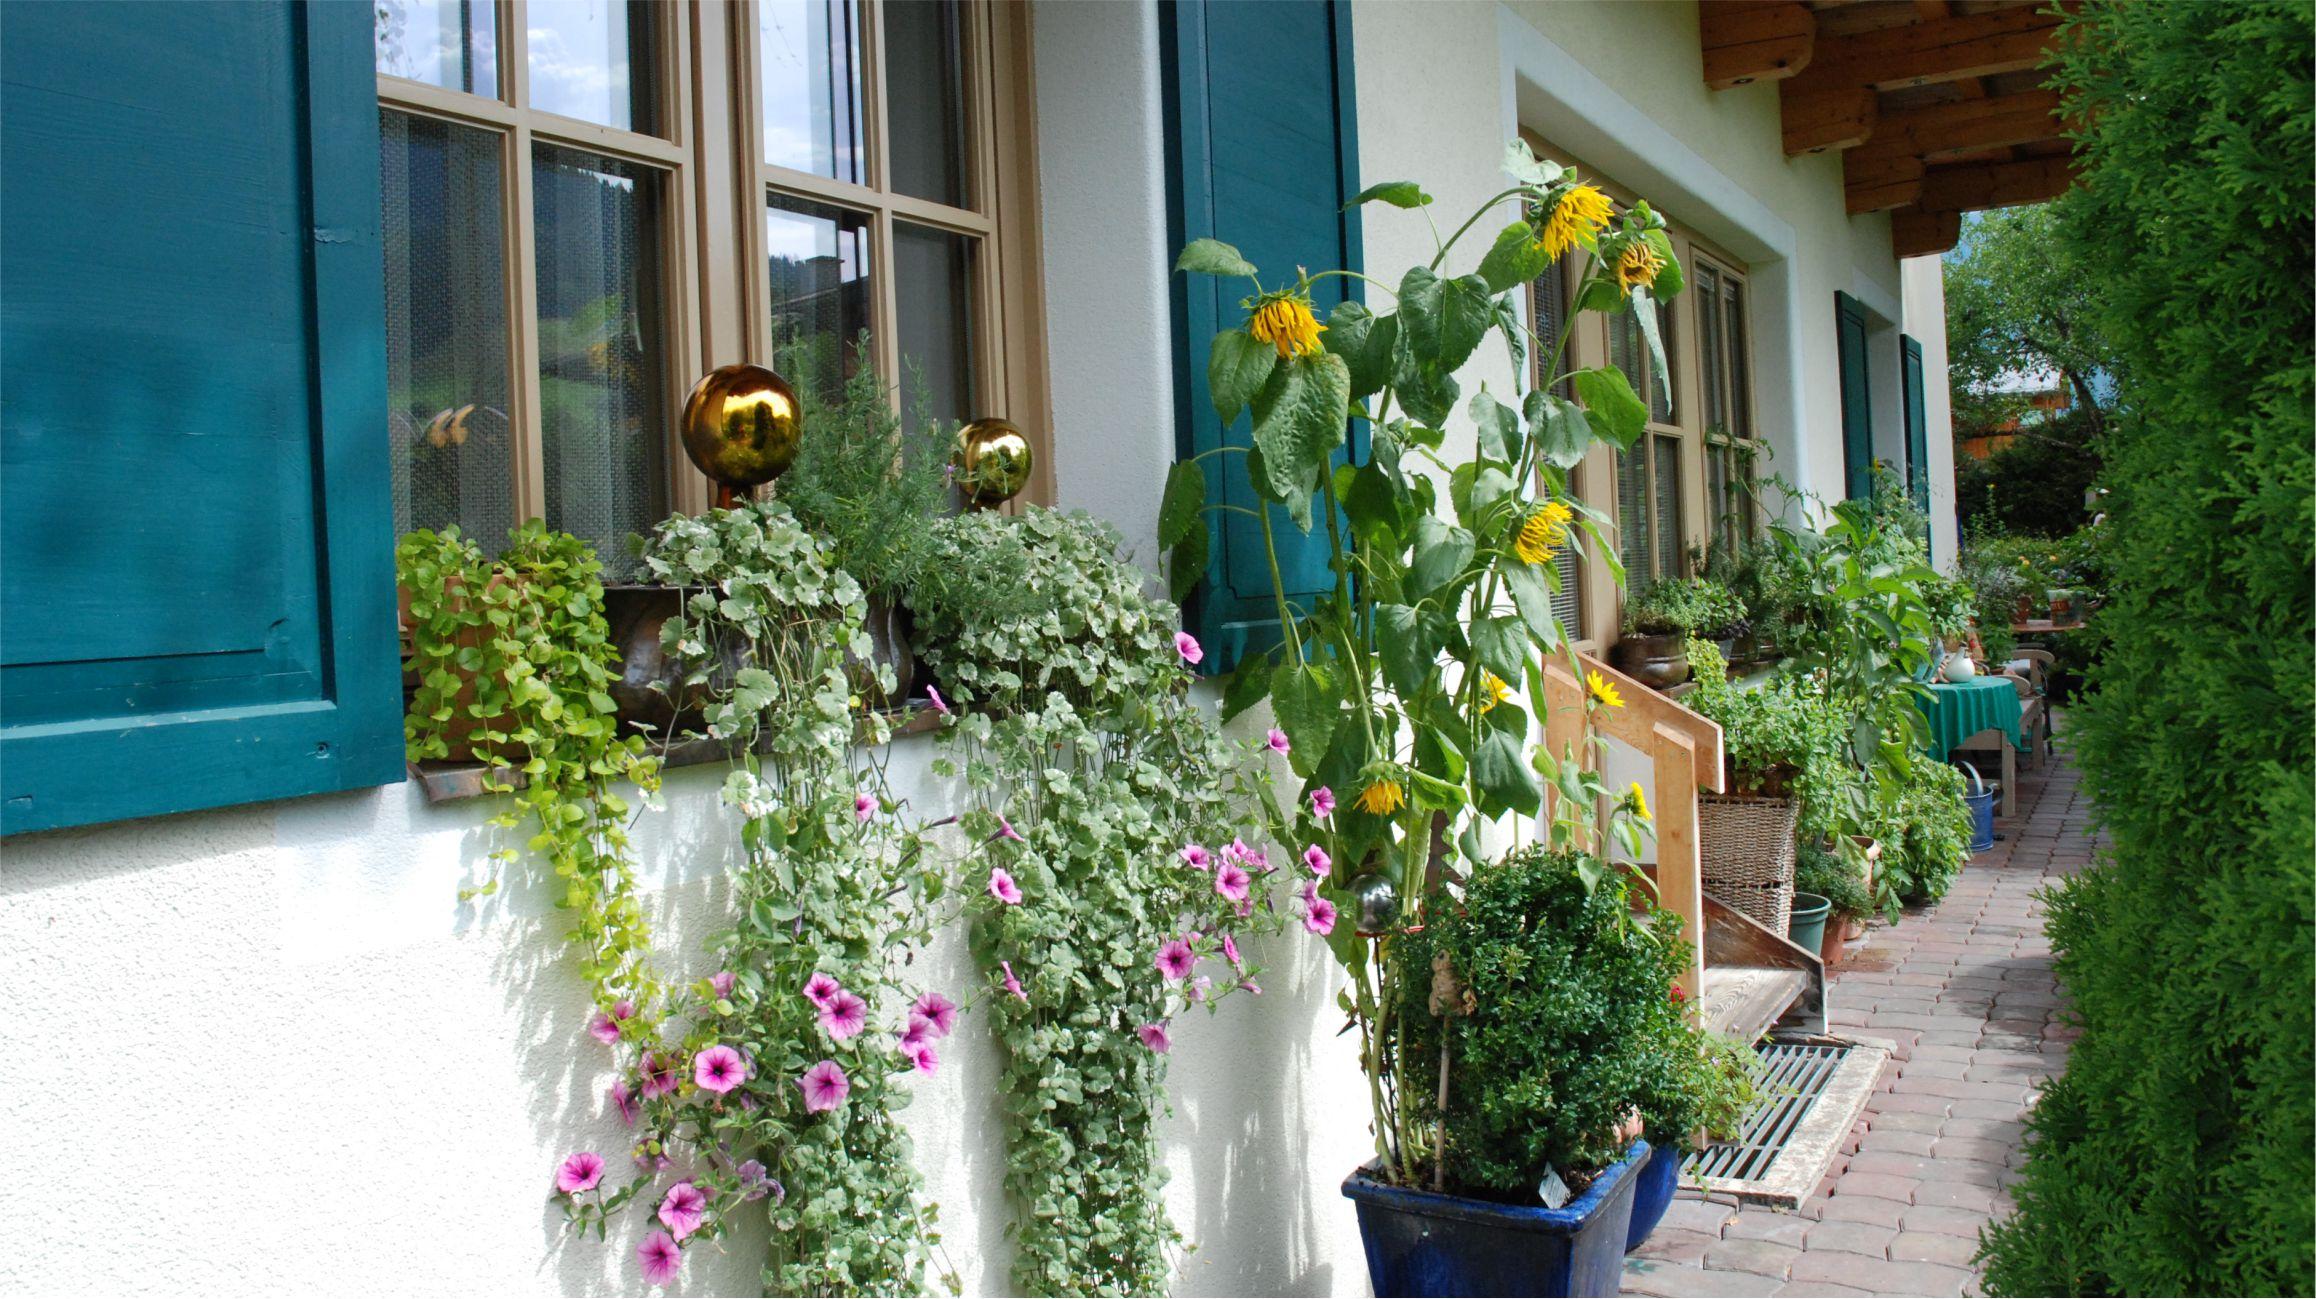 """Ez ugyan """"csak"""" egy mellékbejárat, ami összeköti a házat a kerttel, de még ennek a szépítésére is érdemes odafigyelni..."""